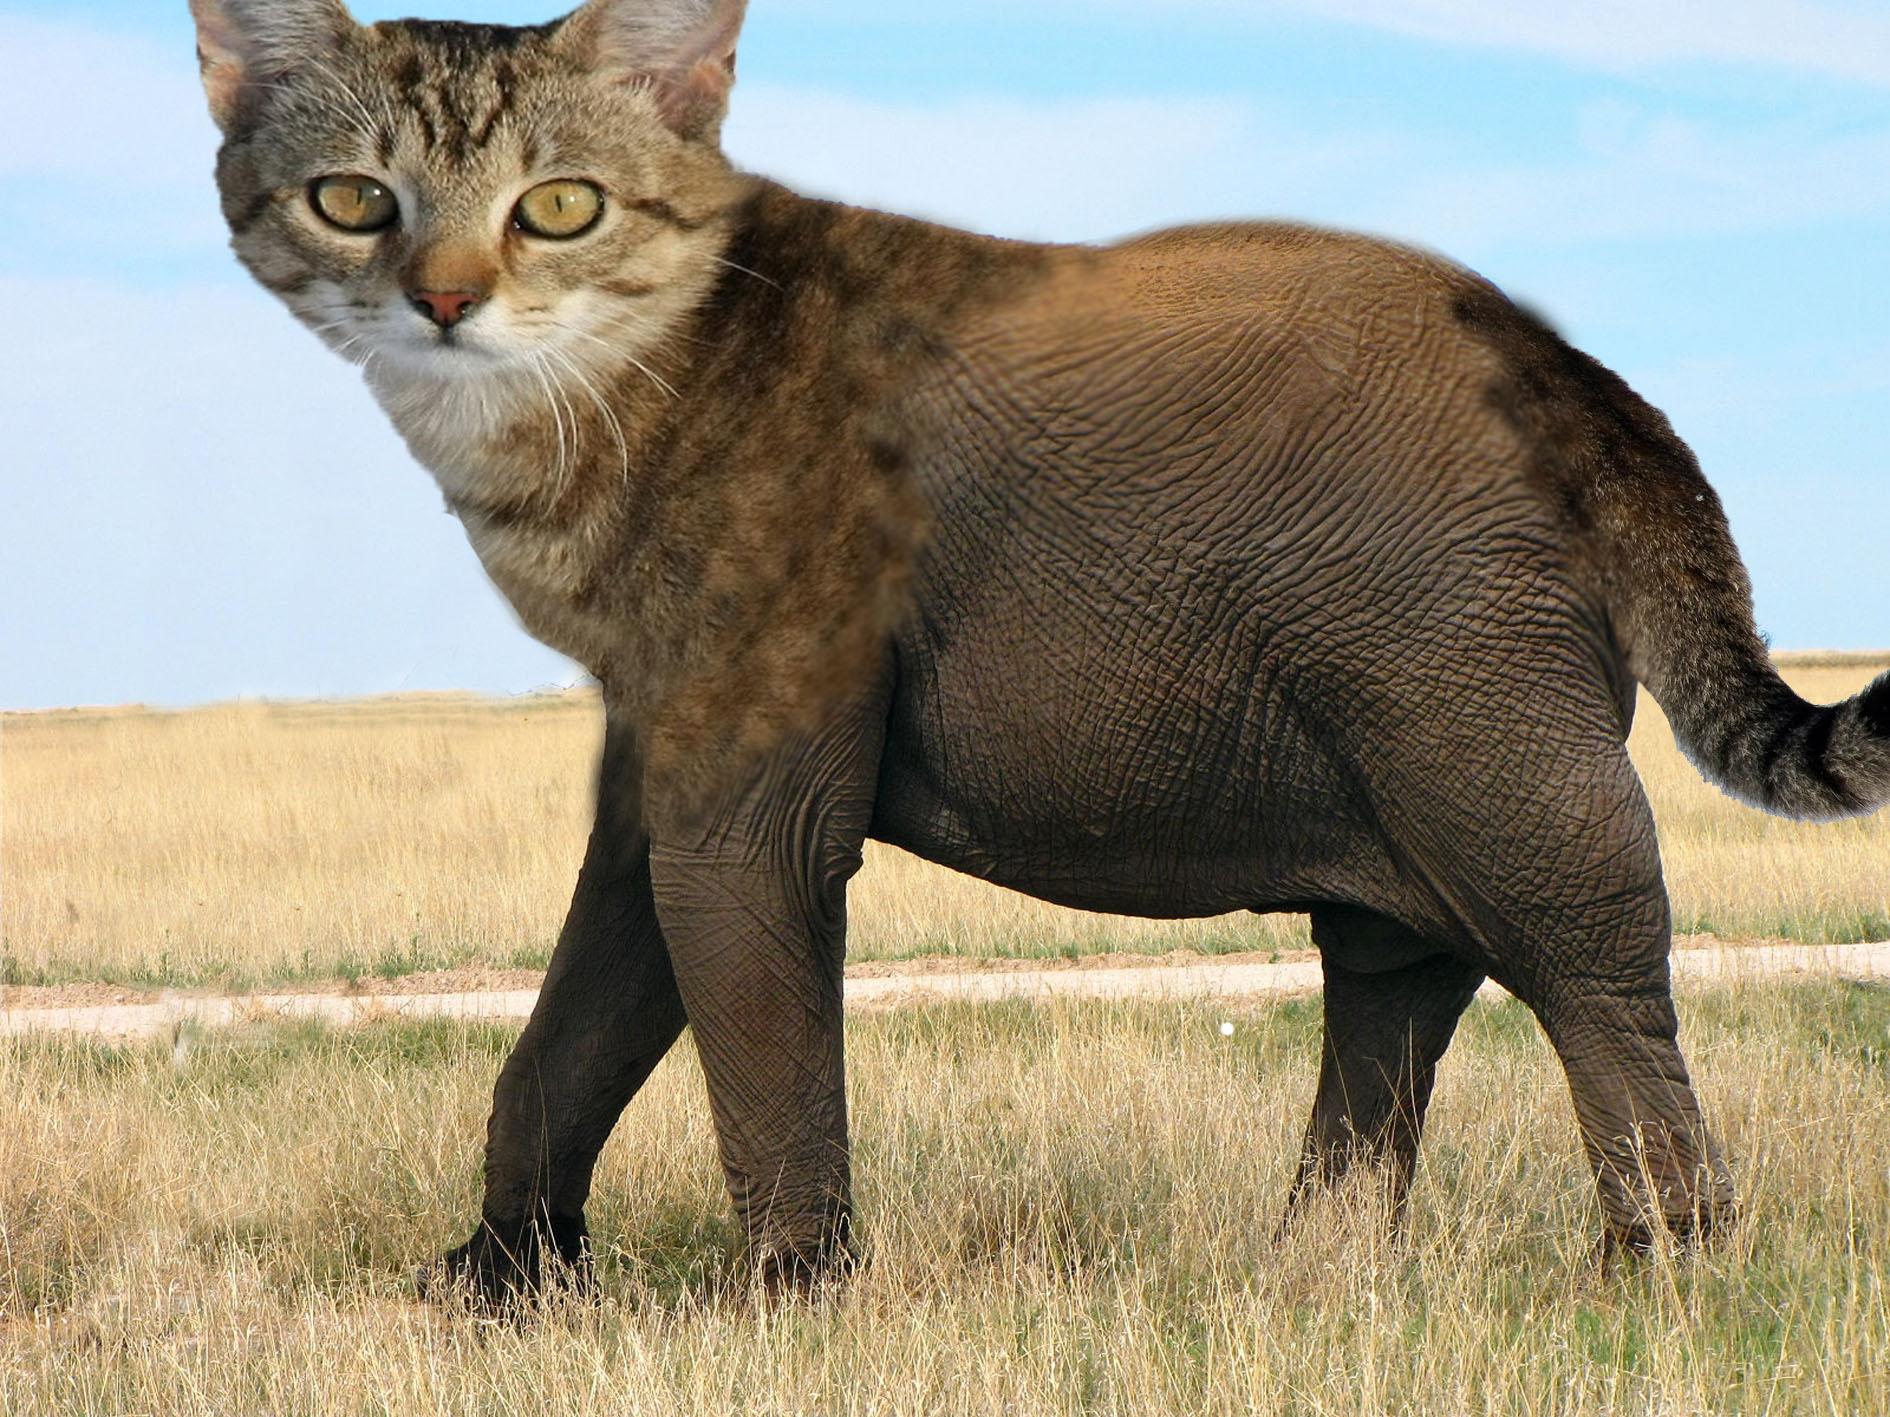 chat éléphant.jpg